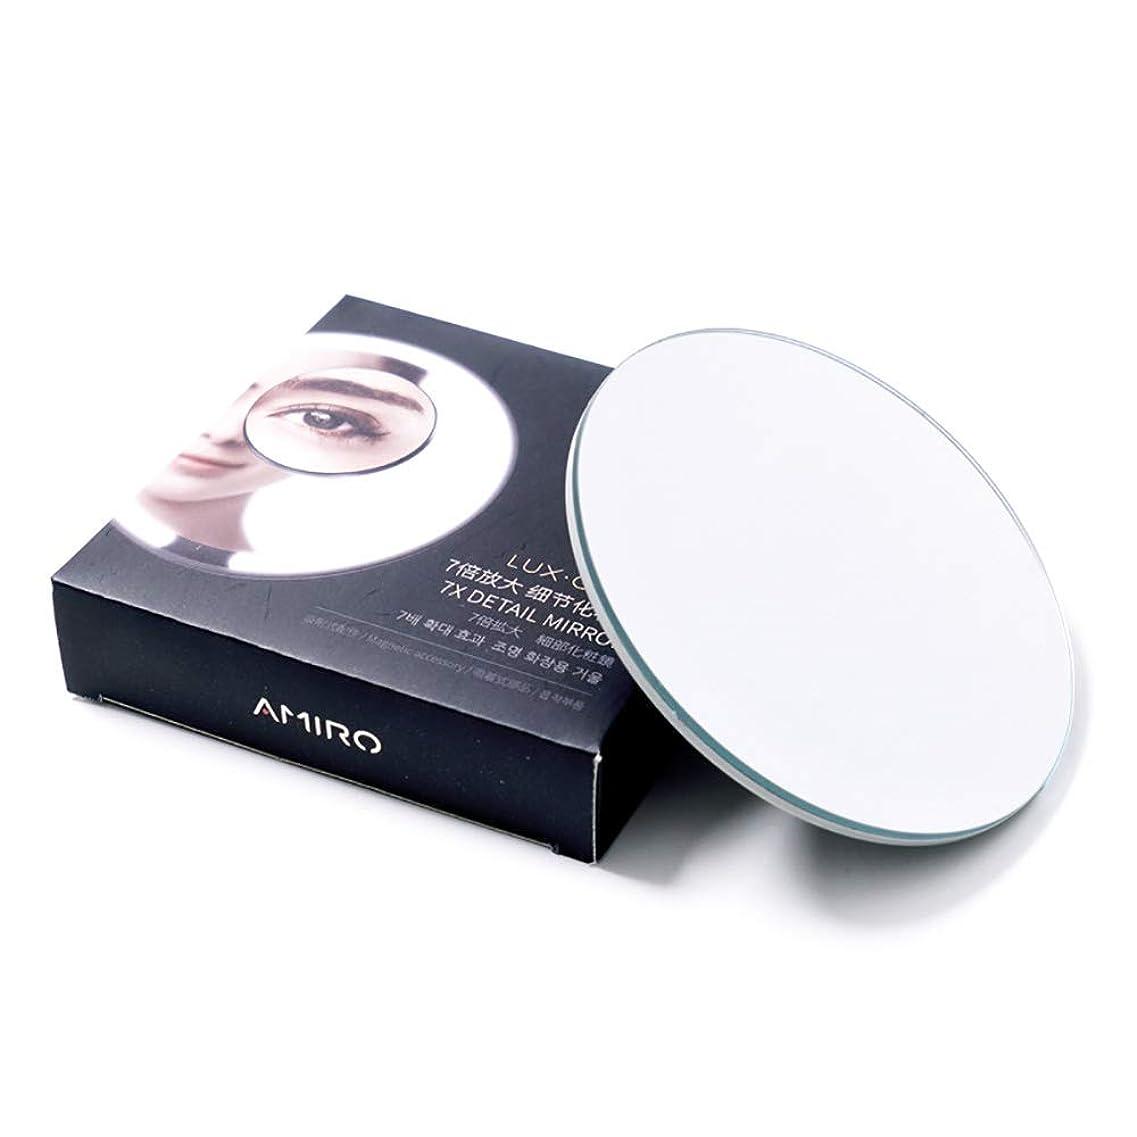 性差別チャーミング冗長AMIRO 7倍拡大鏡 ポータブル化粧鏡